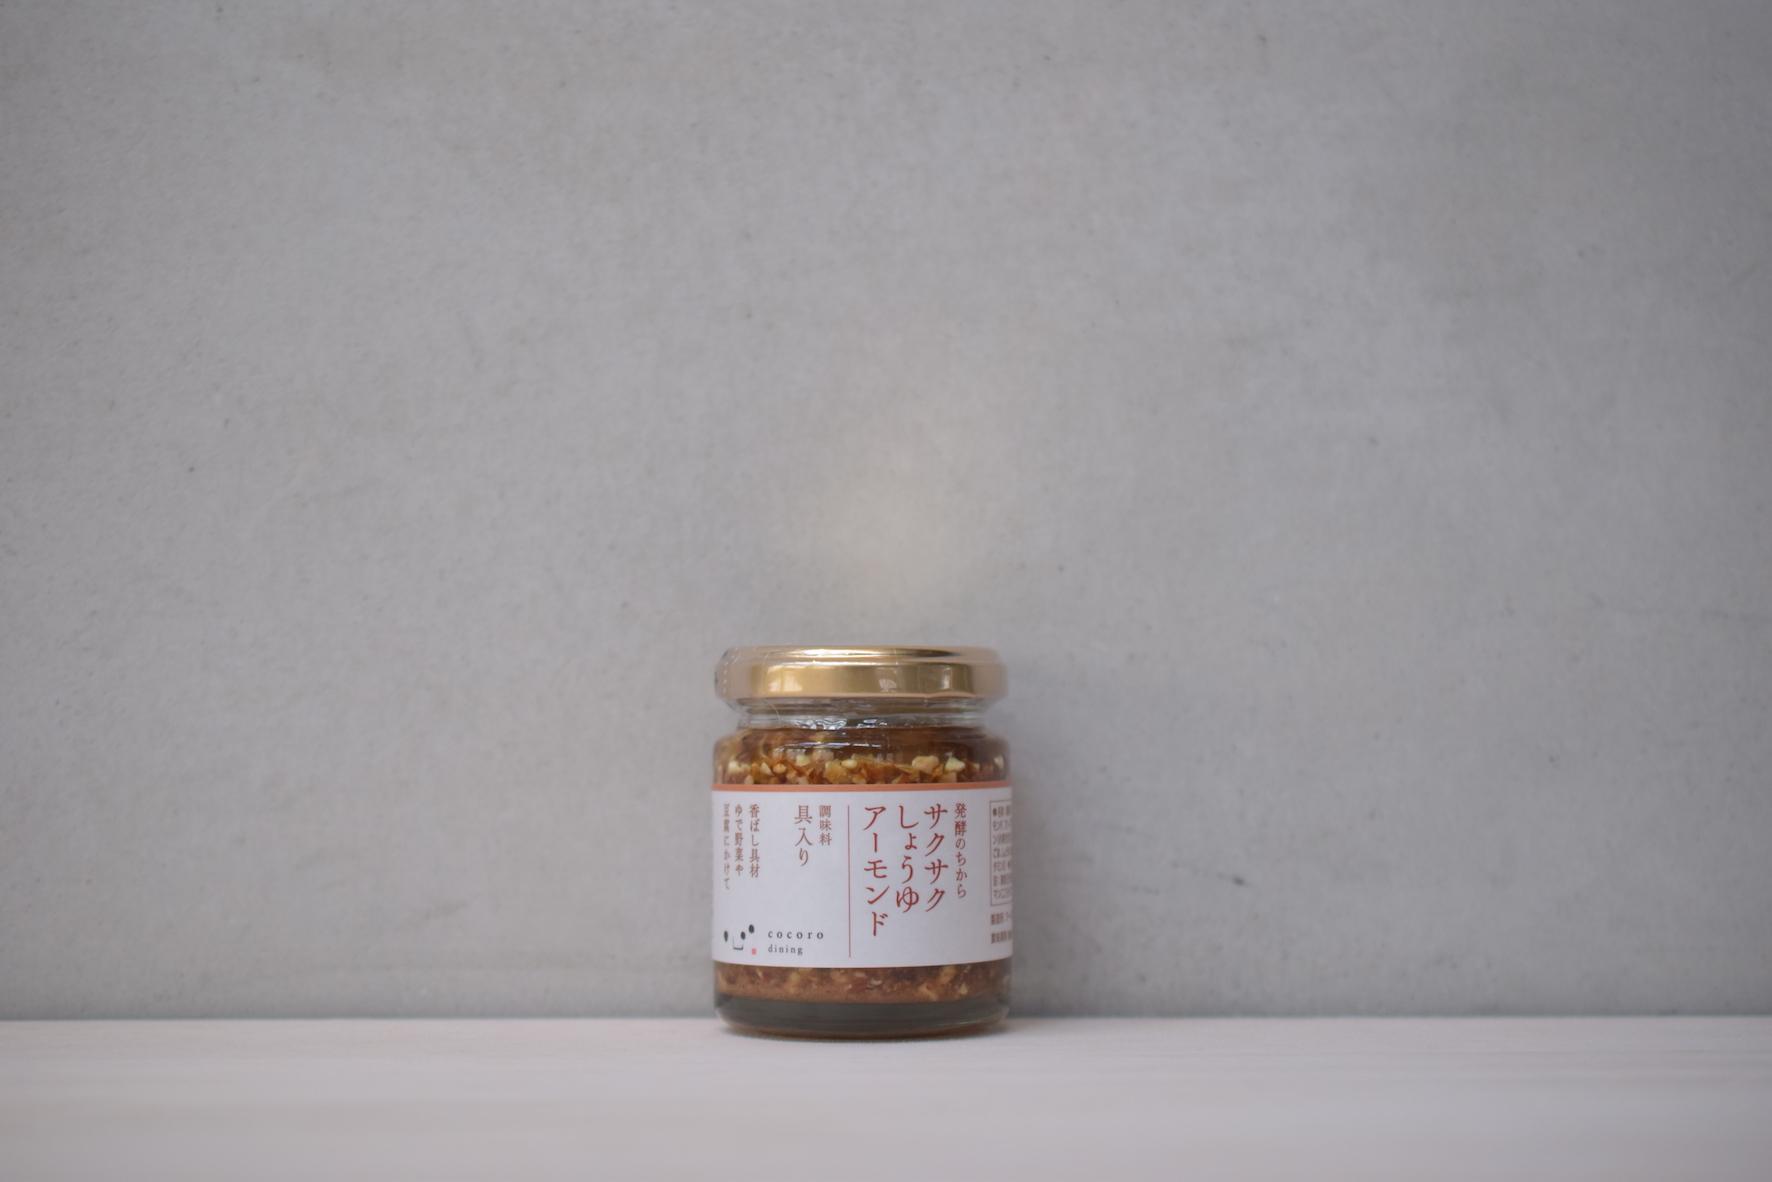 発酵のちからサクサクしゅうゆアーモンド